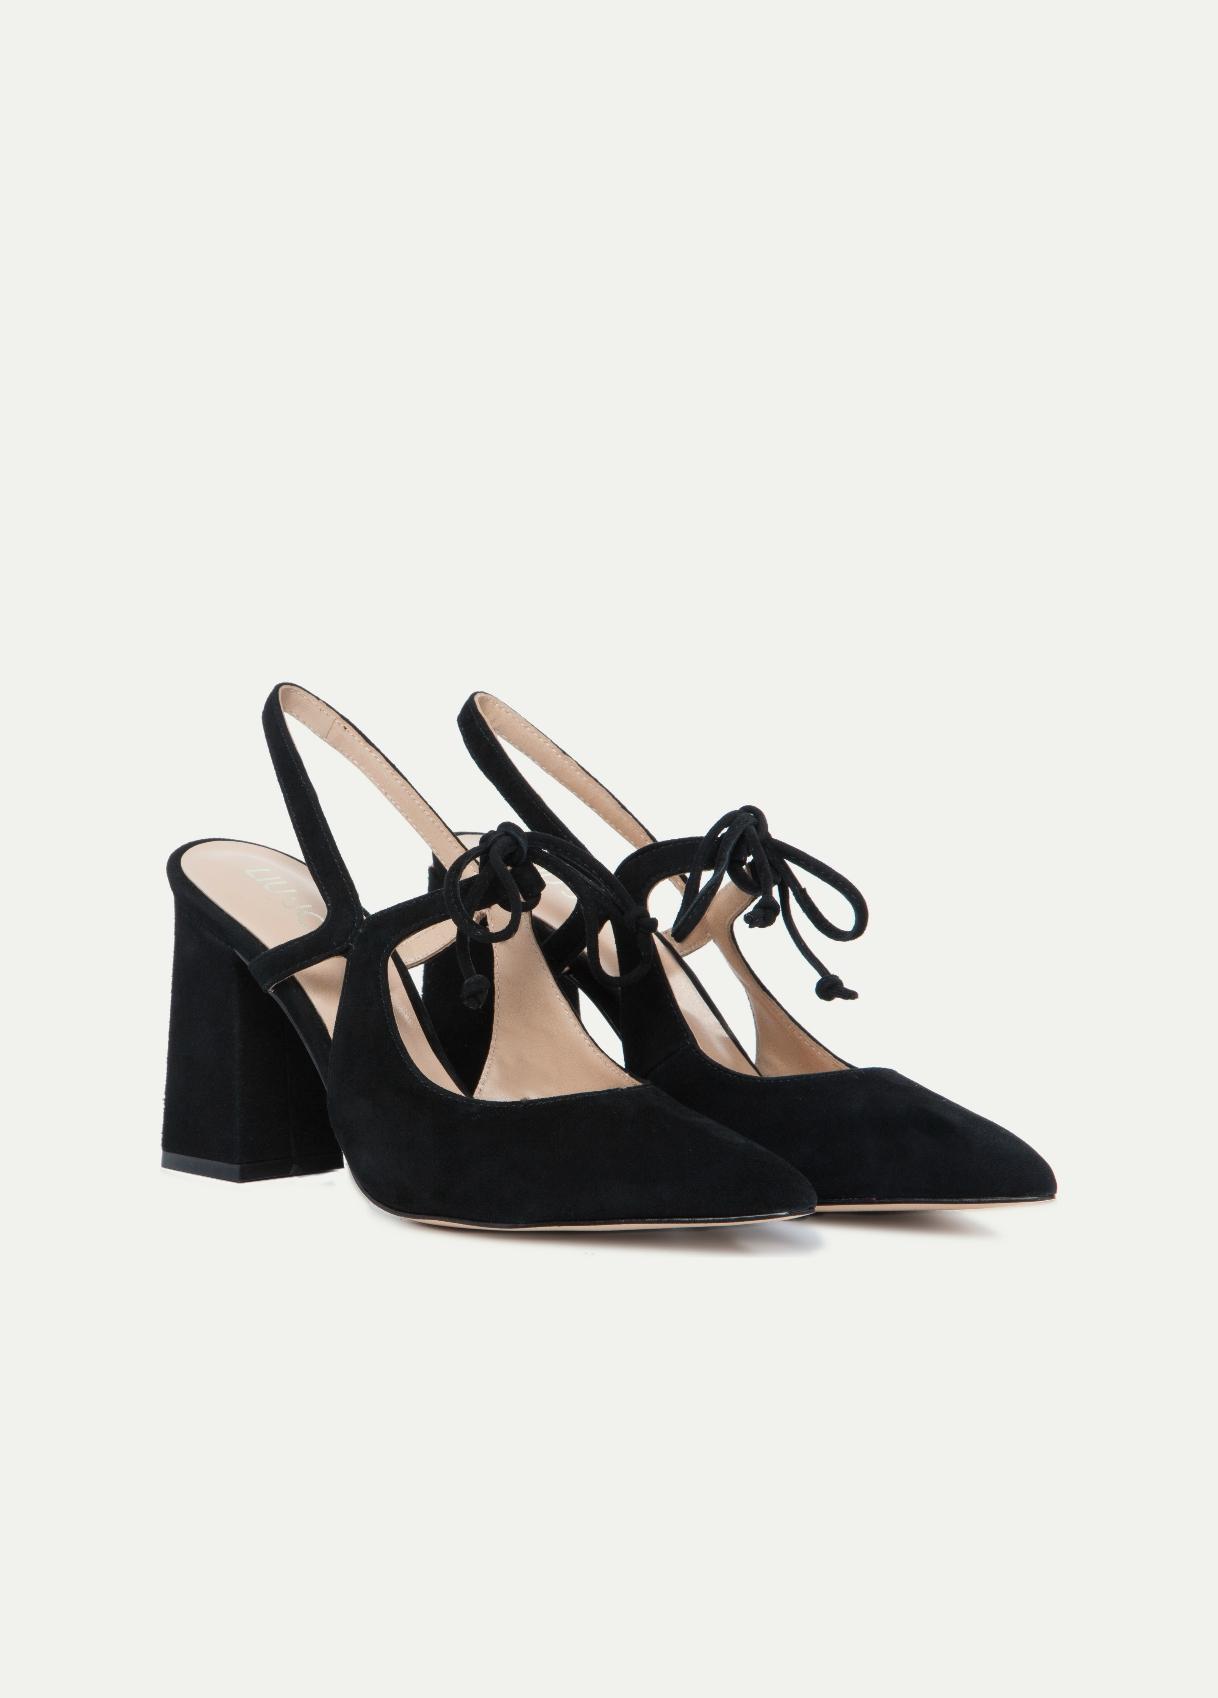 Scarpe con tacco quadrato Liu Jo primavera estate 2018 prezzo 169 euro